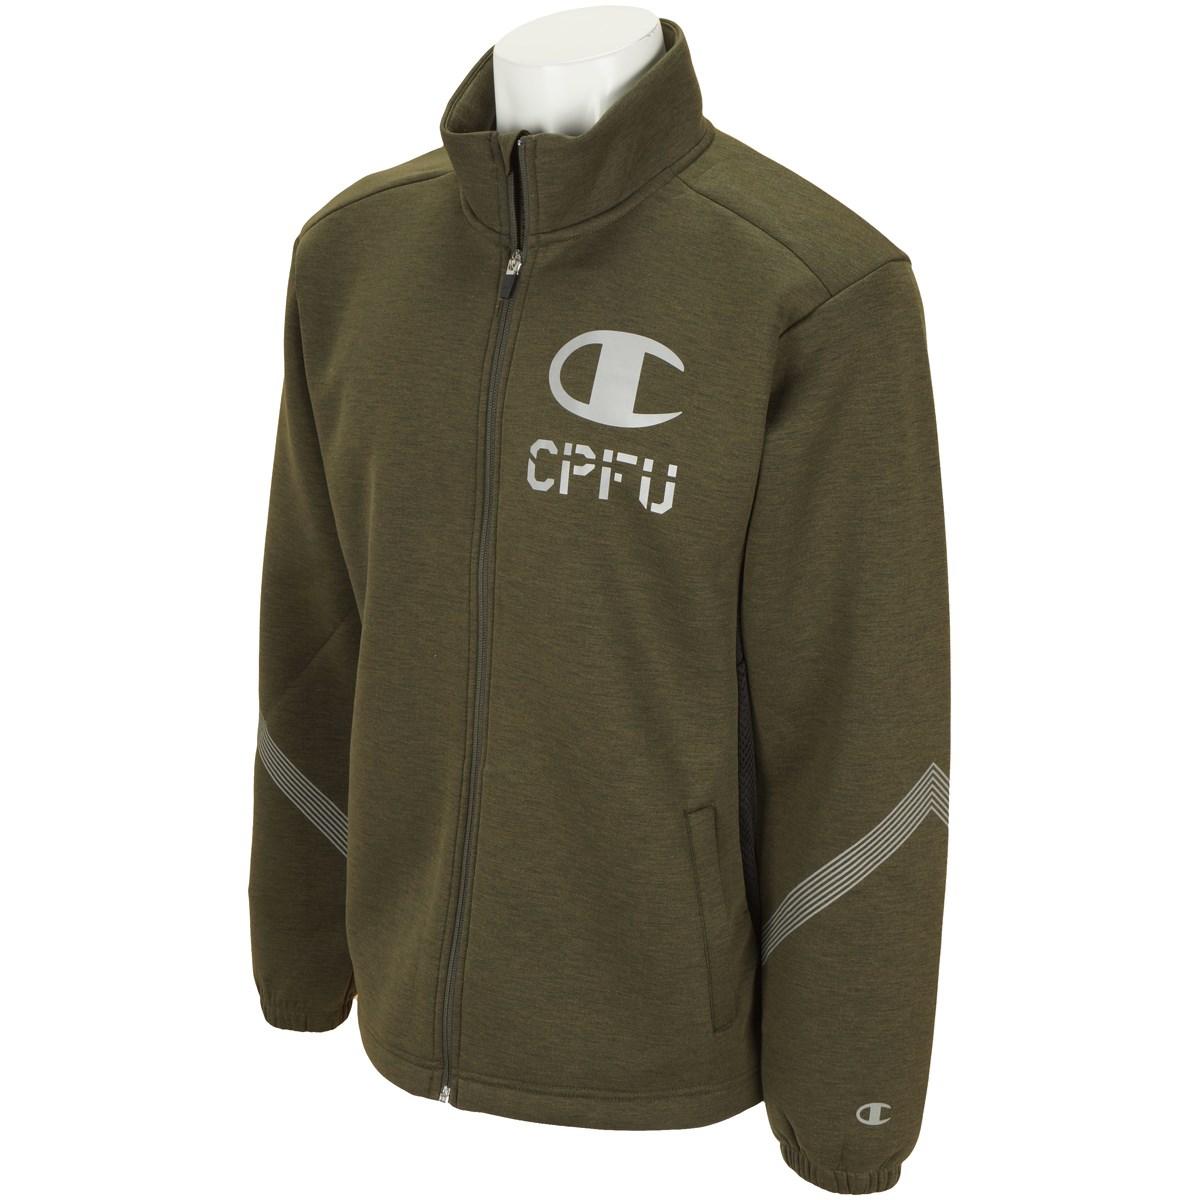 チャンピオン CPFU ストレッチ 通気性機能 ラップエア ジャケット